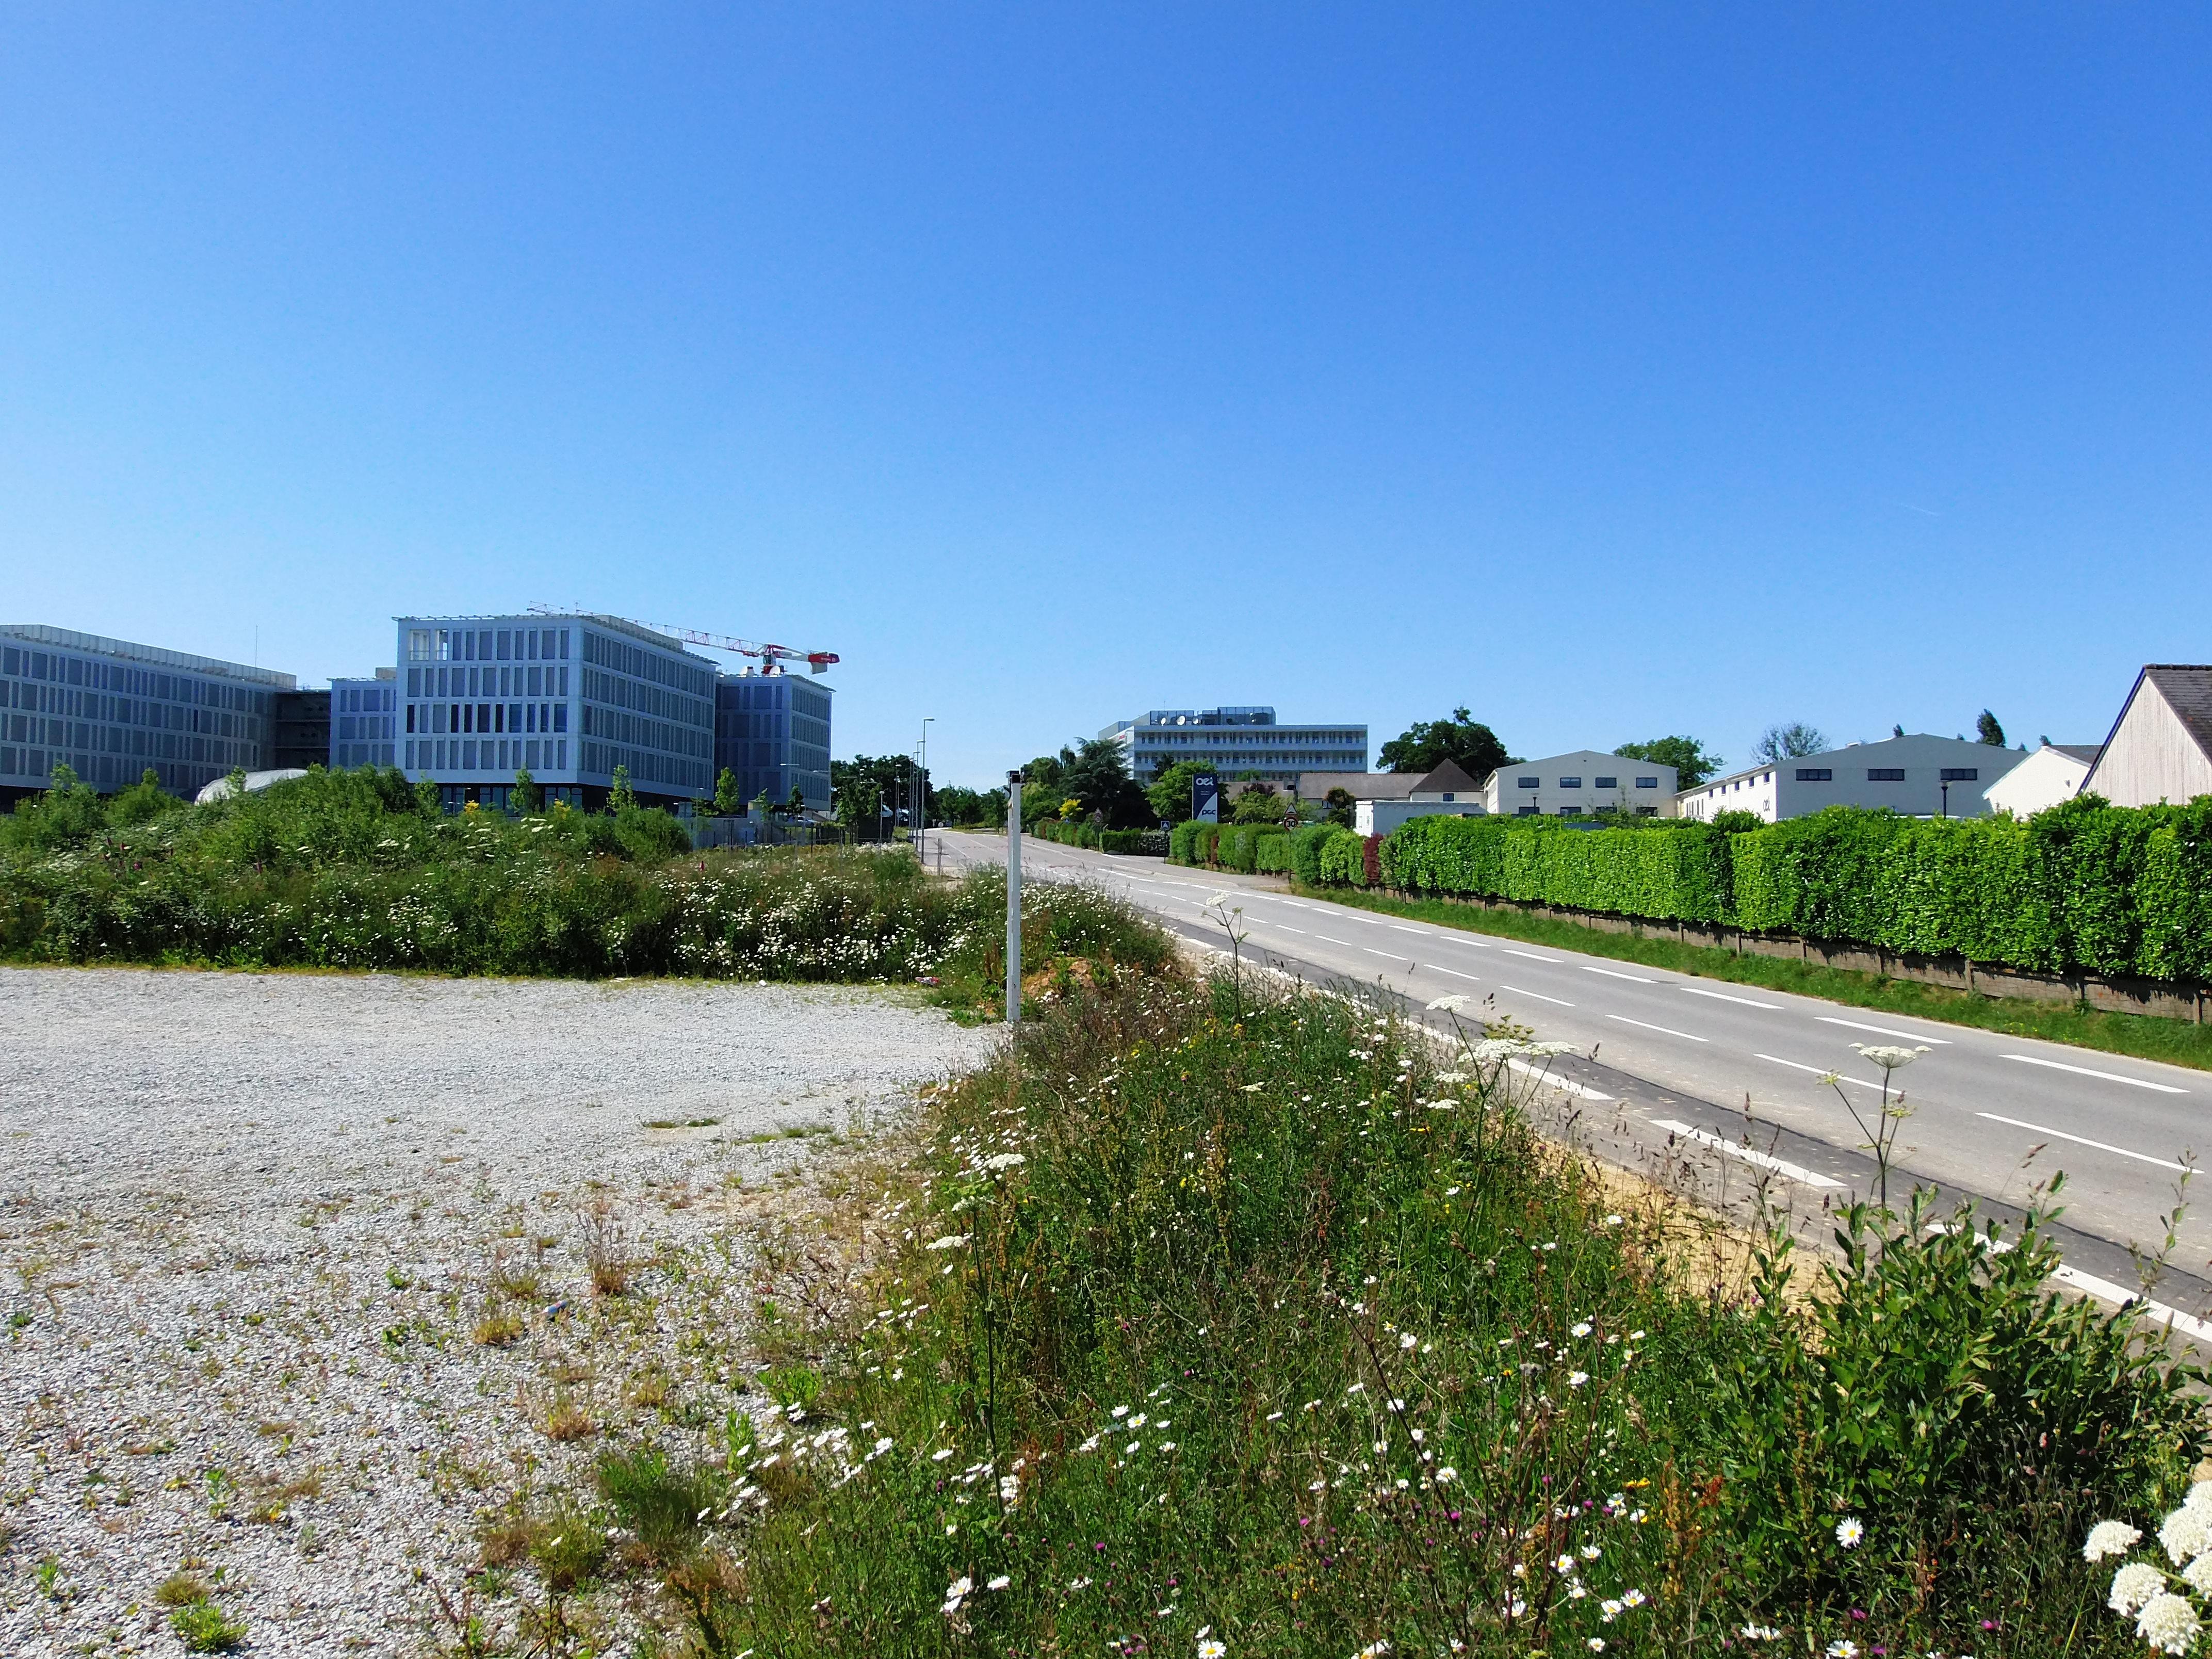 File:bureaux avenue des champs blancs.jpg wikimedia commons